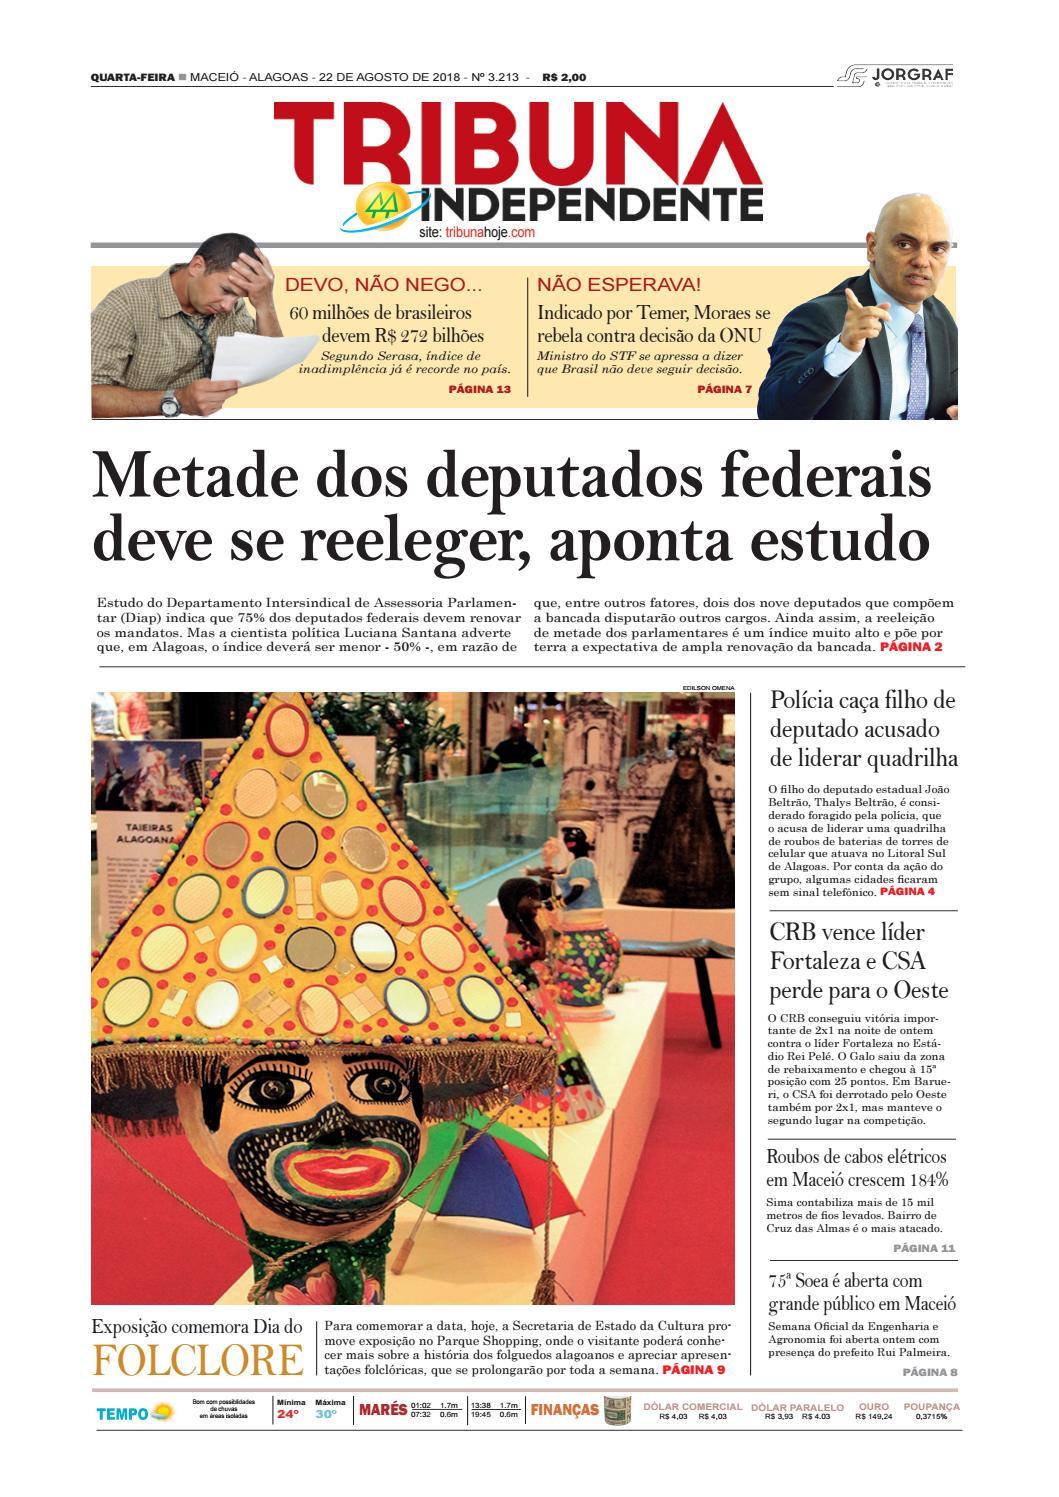 d01b40496 Edição número 3213 - 22 de agosto de 2018 by Tribuna Hoje - issuu